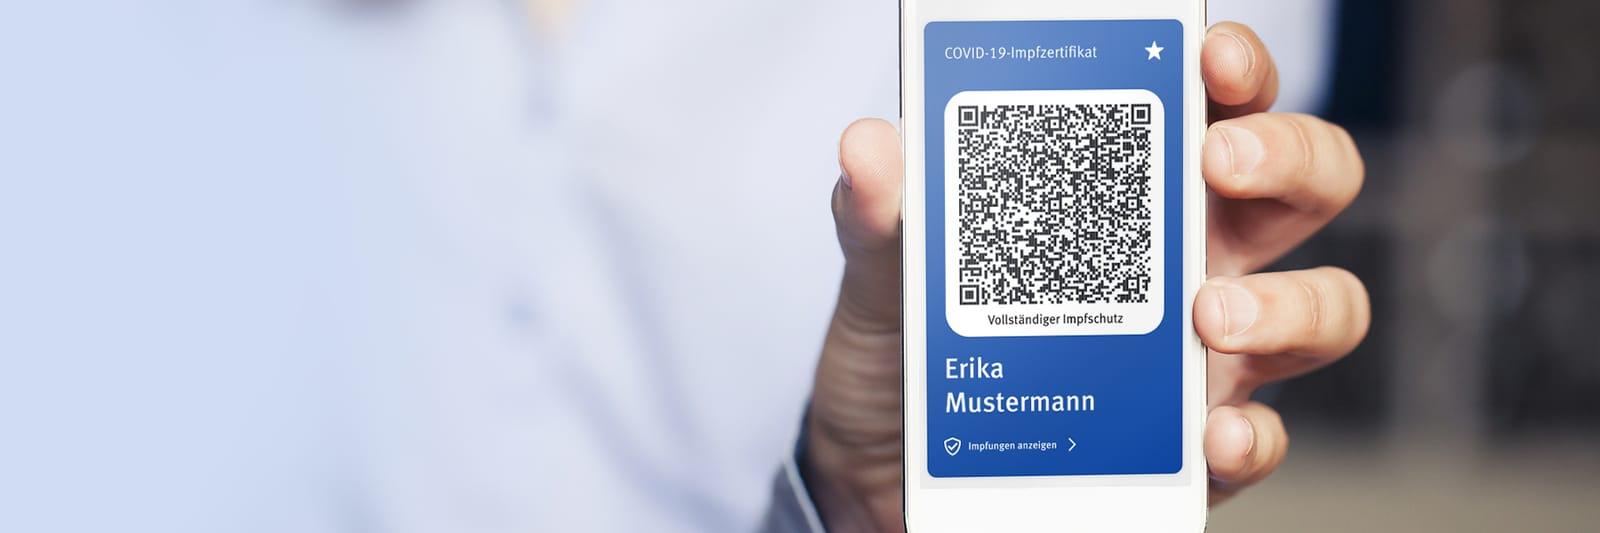 Wir erstellen Ihr digitales Impfzertifikat